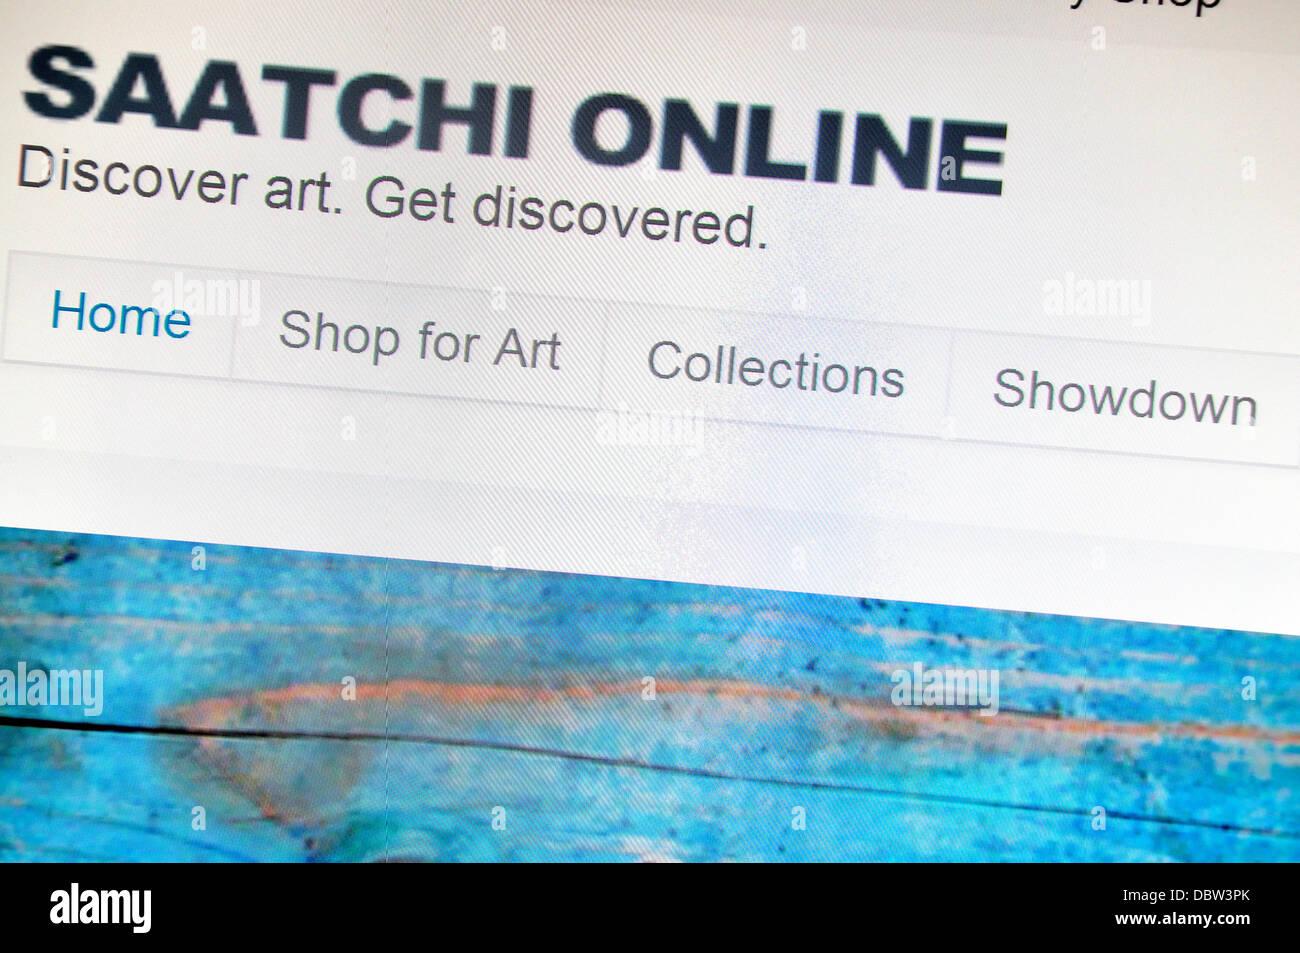 Captura de pantalla de ordenador - Internet. Saatchi Online página frontal Imagen De Stock